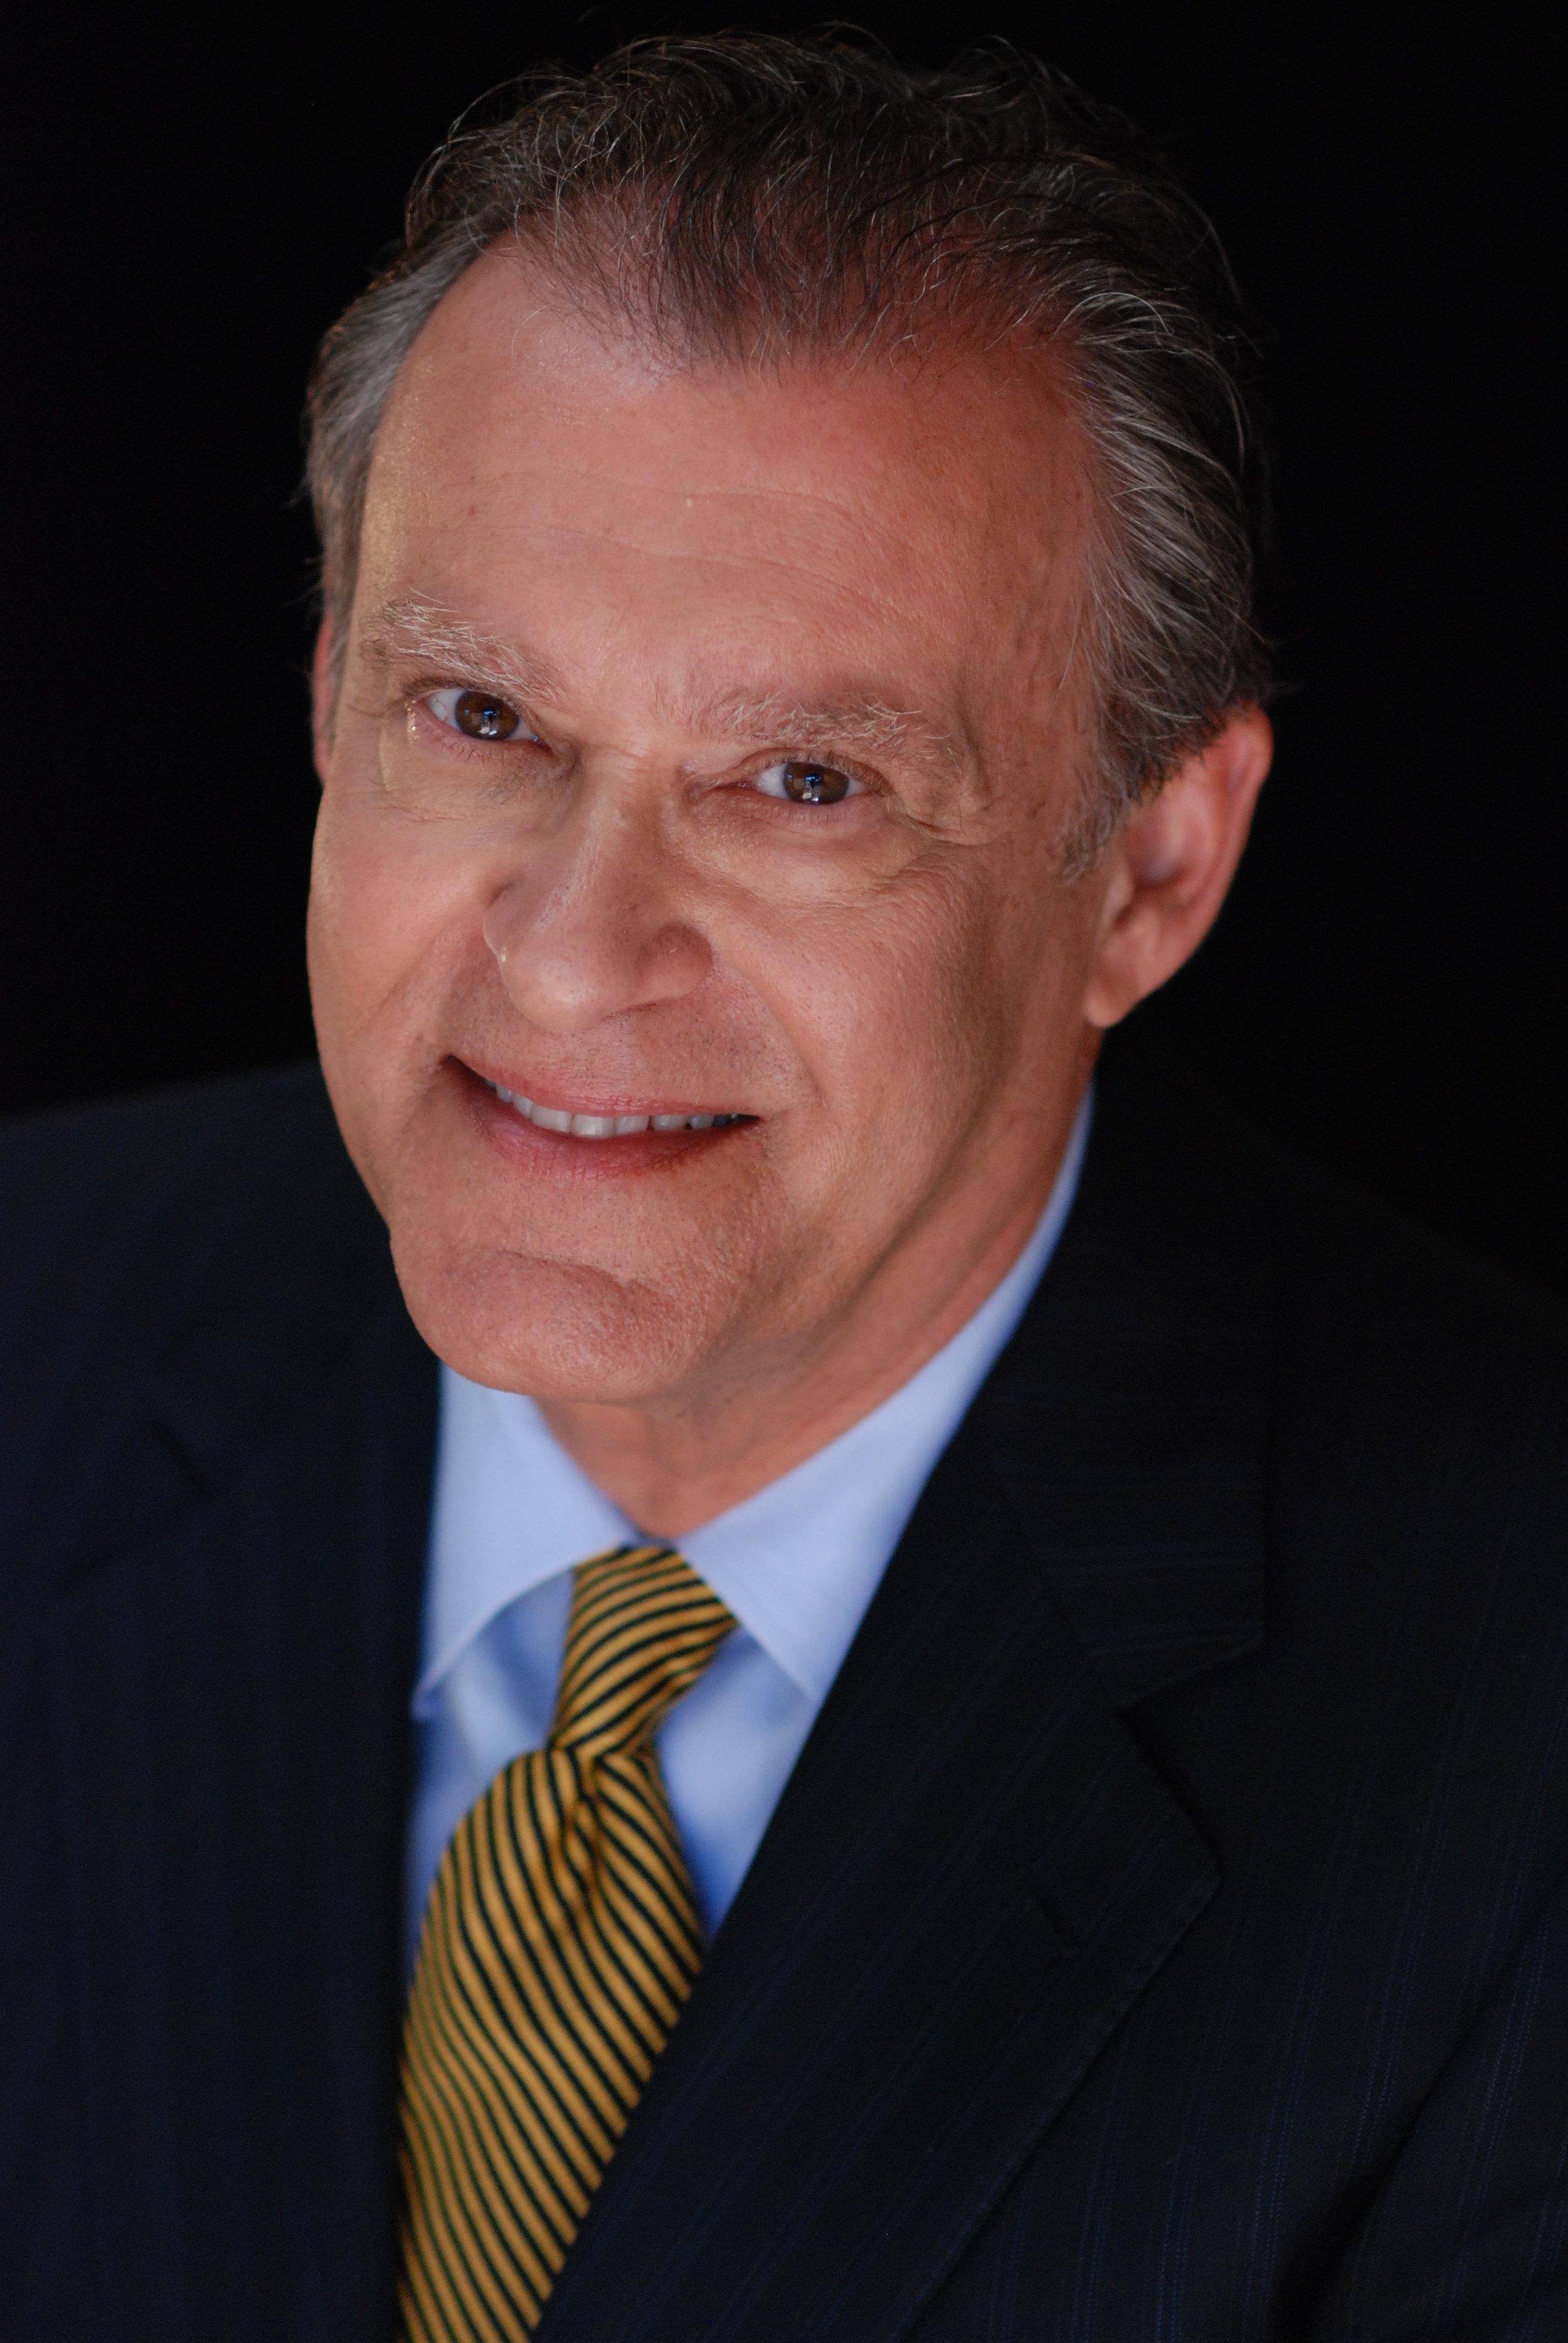 Wayne Avrashow